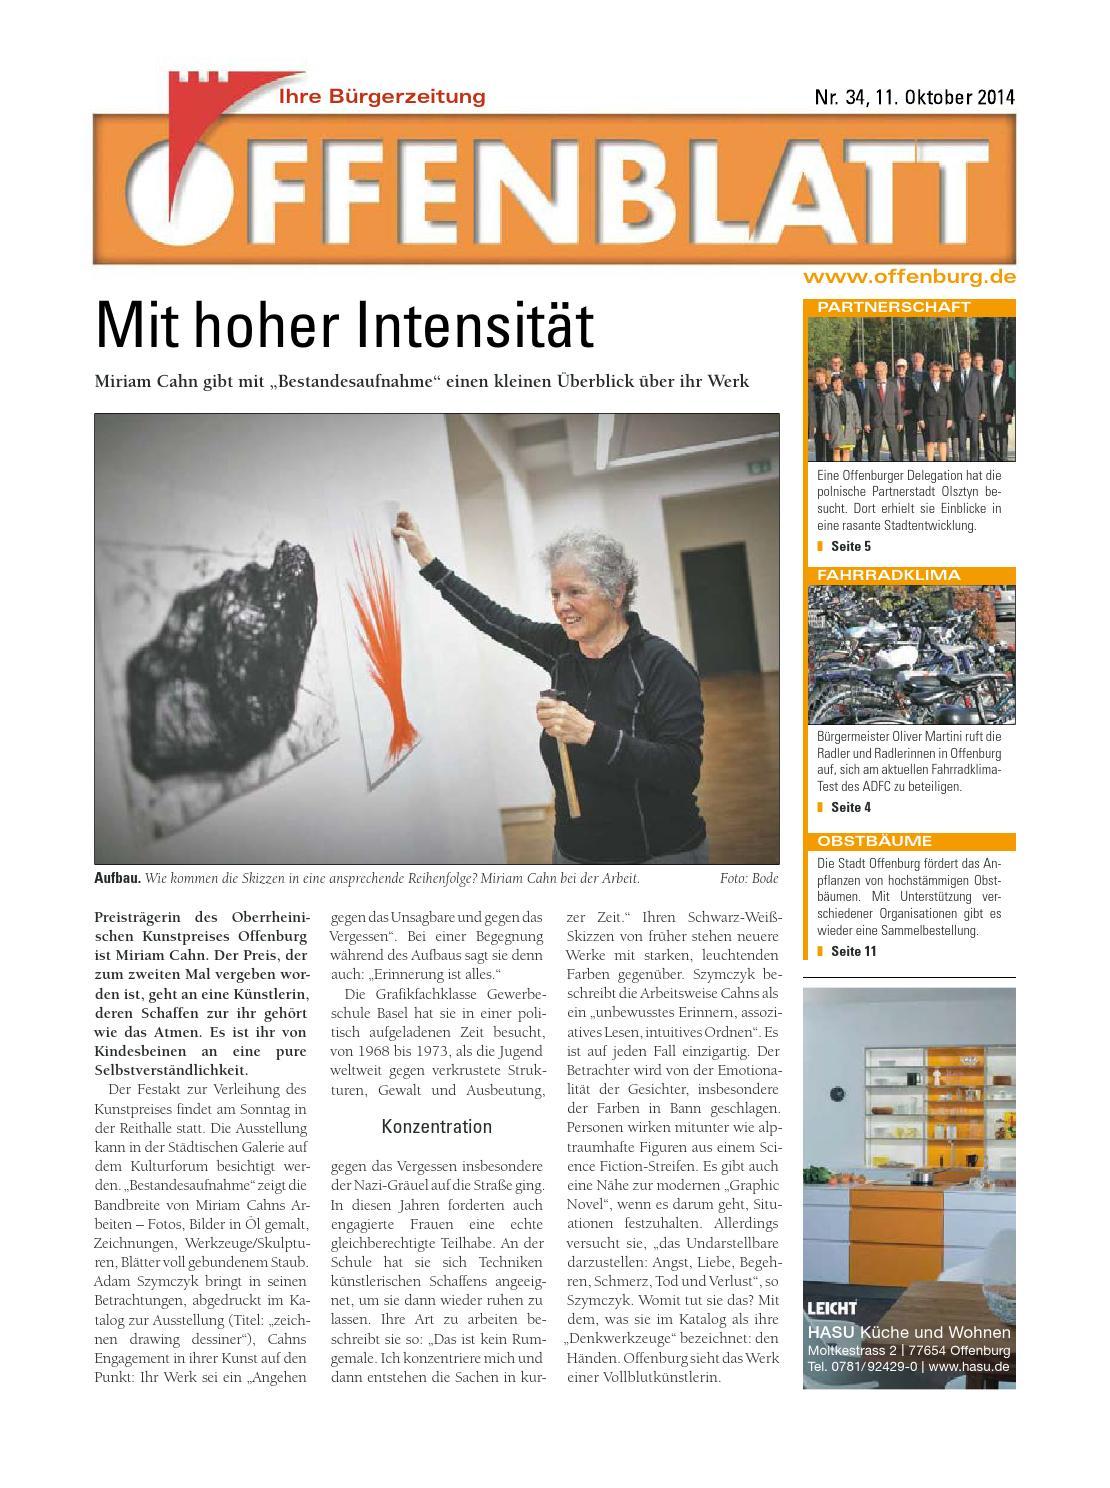 Offenblatt 34 2014 by Offenburg Offenblatt - issuu